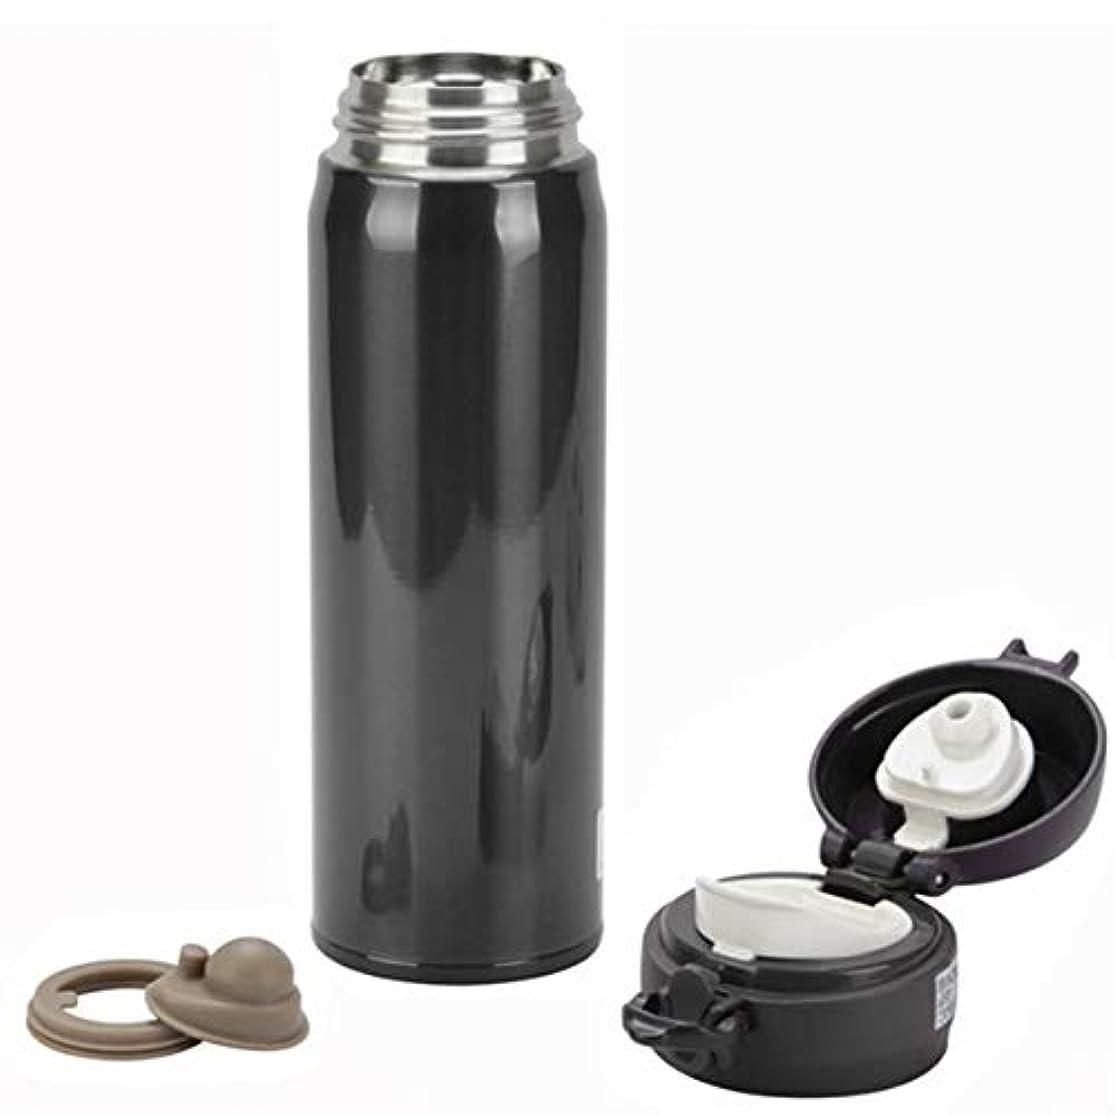 値下げ出口バストSaikogoods 真空カップ 450ミリリットル ステンレス鋼 ウォーターボトル 飲料ボトル 断熱カップ ポットを保つ運動をする ソリッドカラー シンプルなデザイン 黒